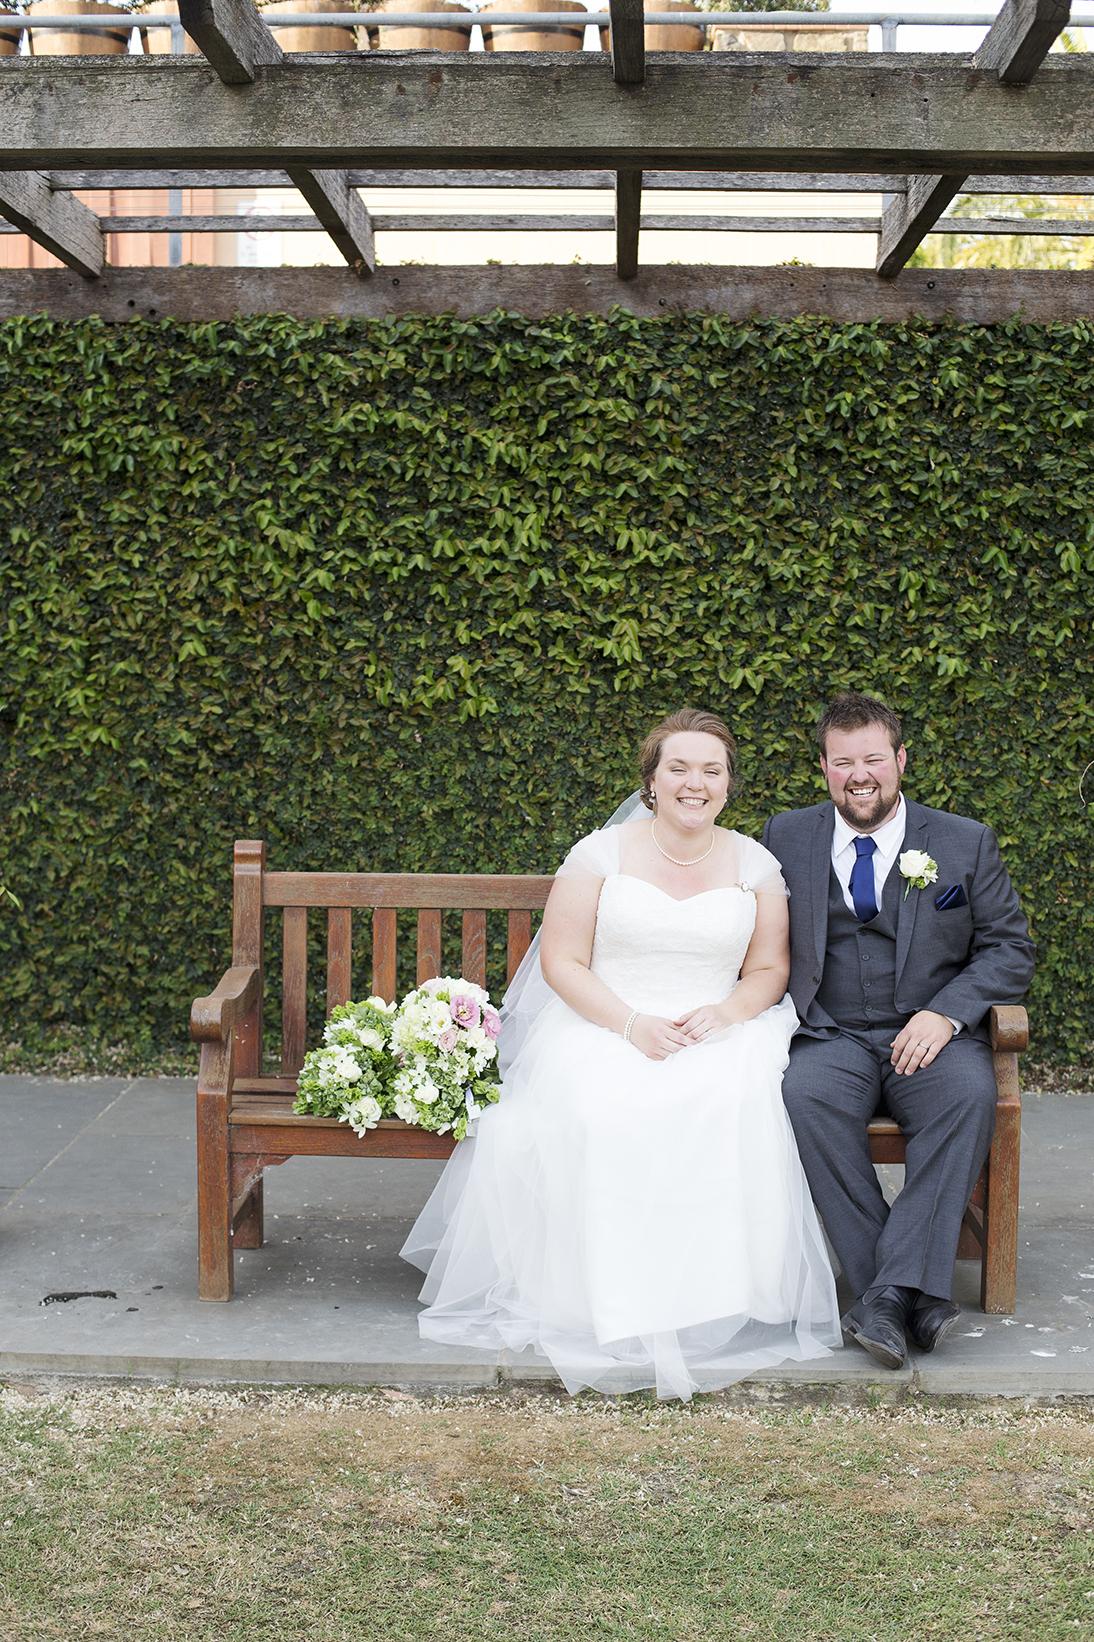 Chateau Tanunda Croquet Garden Wedding Portrait 01.jpg